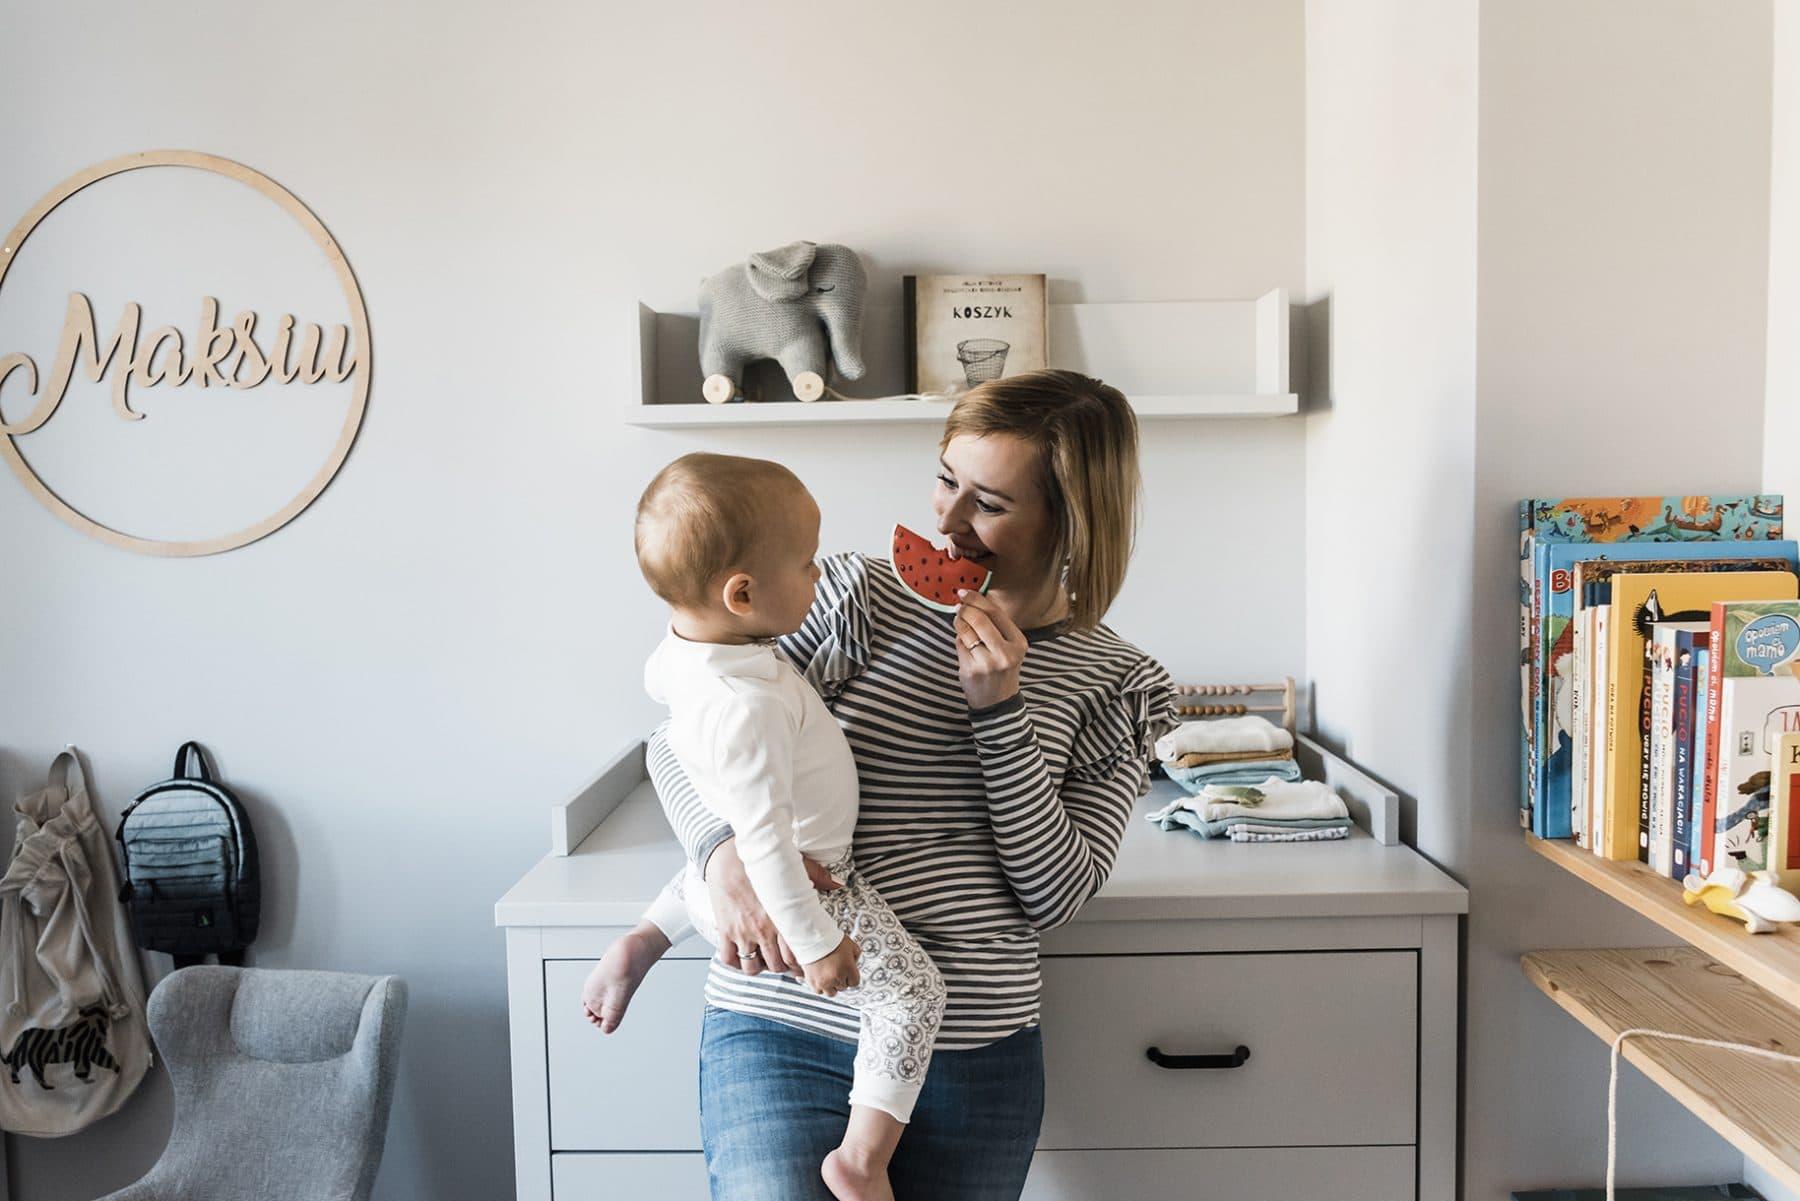 jak urządzić pokój dziecka - pokój dwulatka